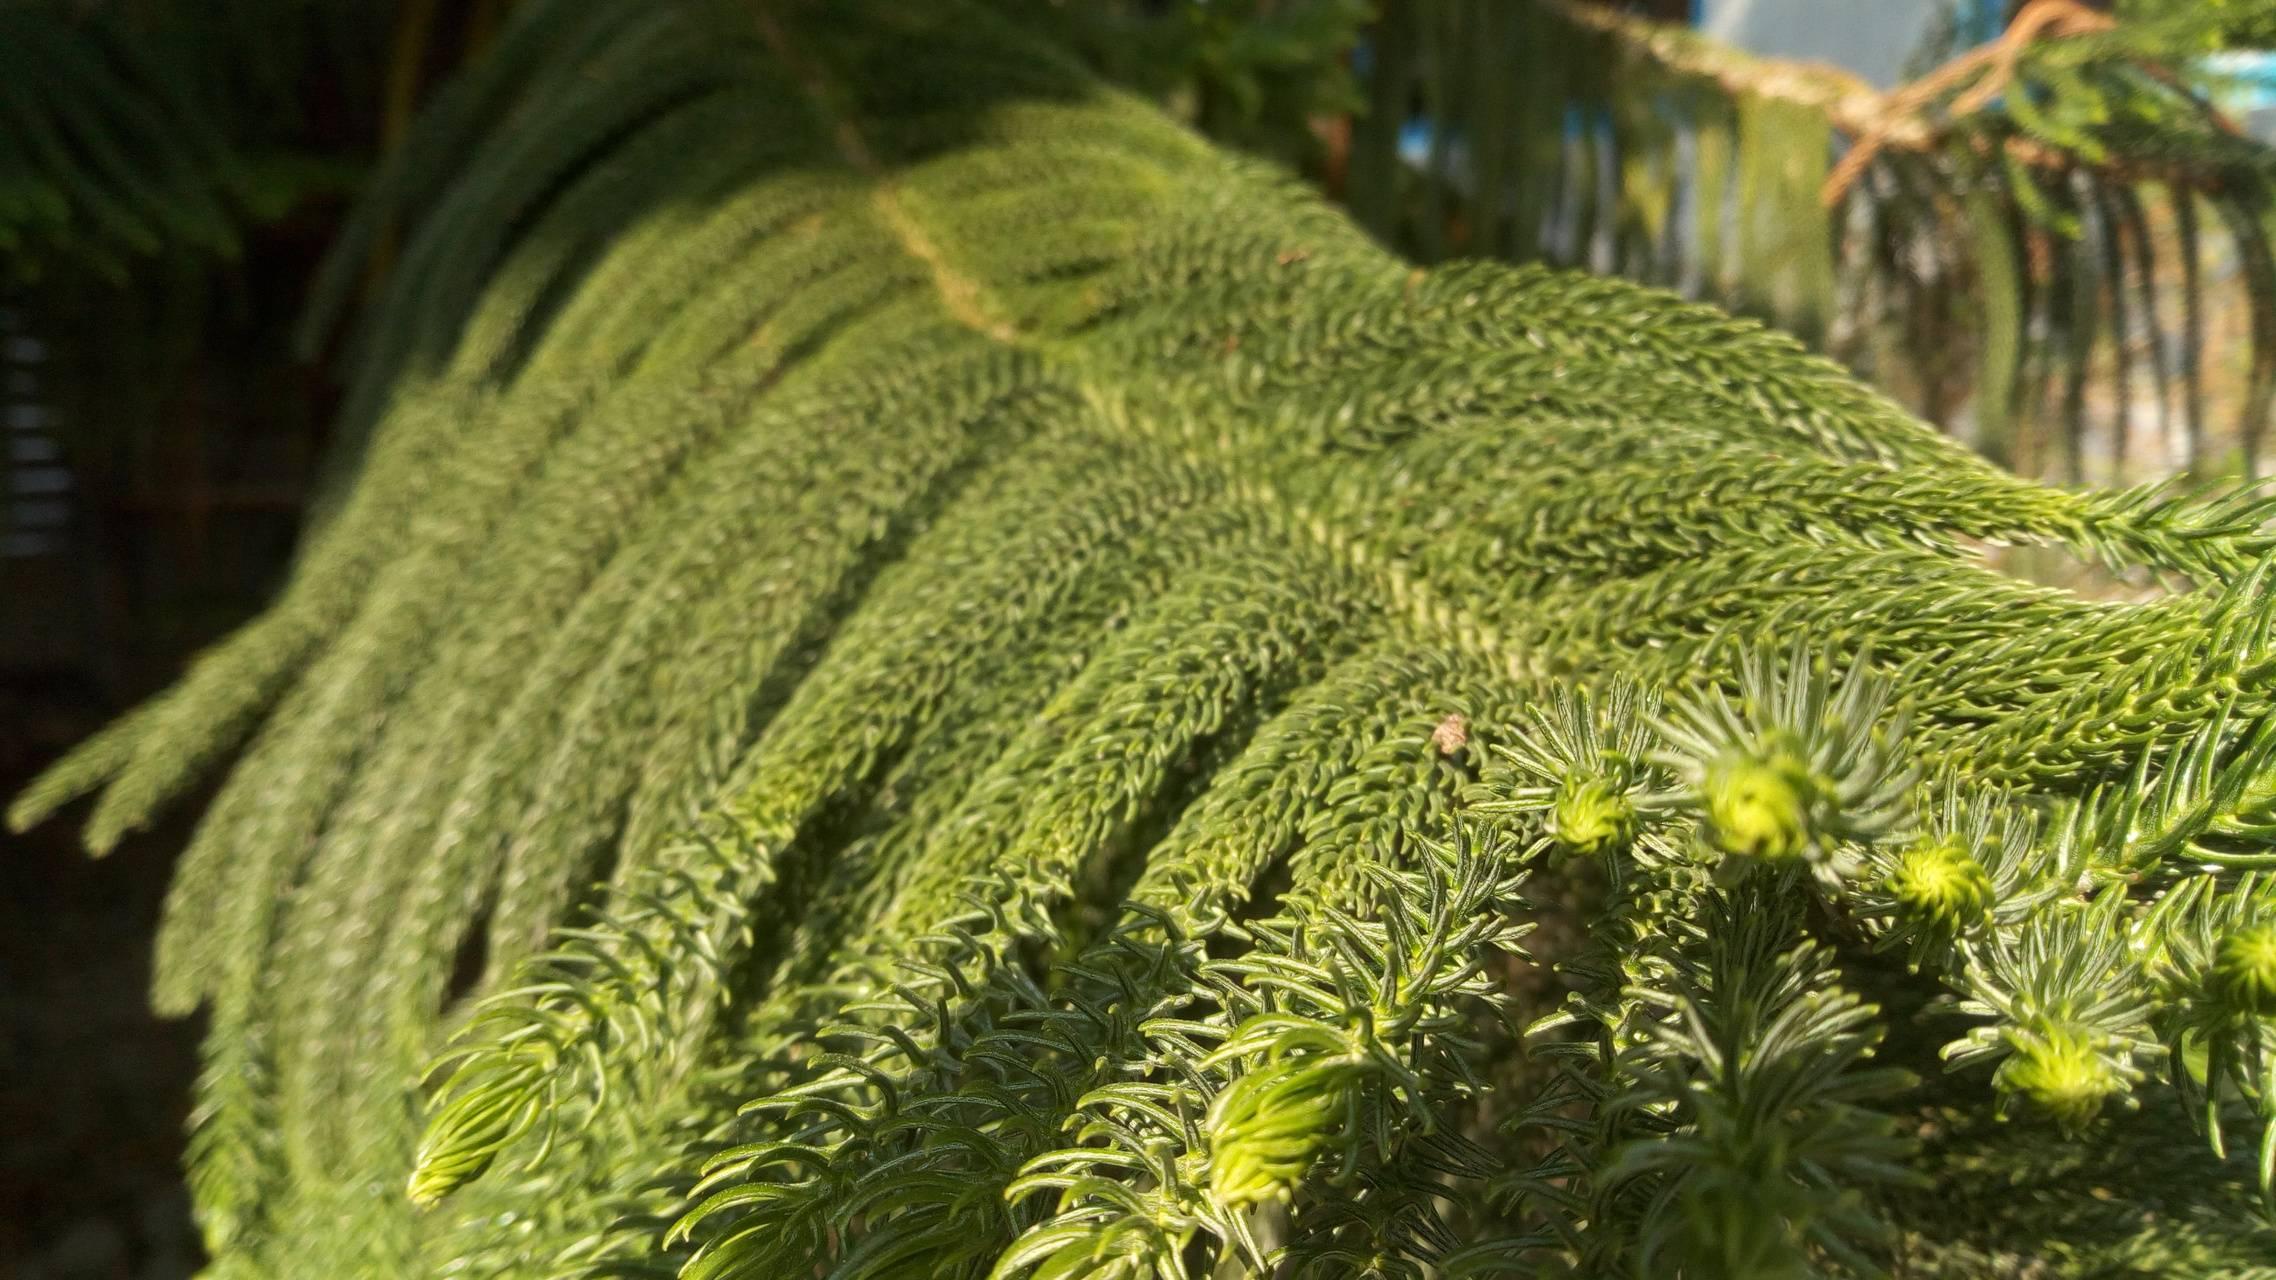 Xmas tree leaves